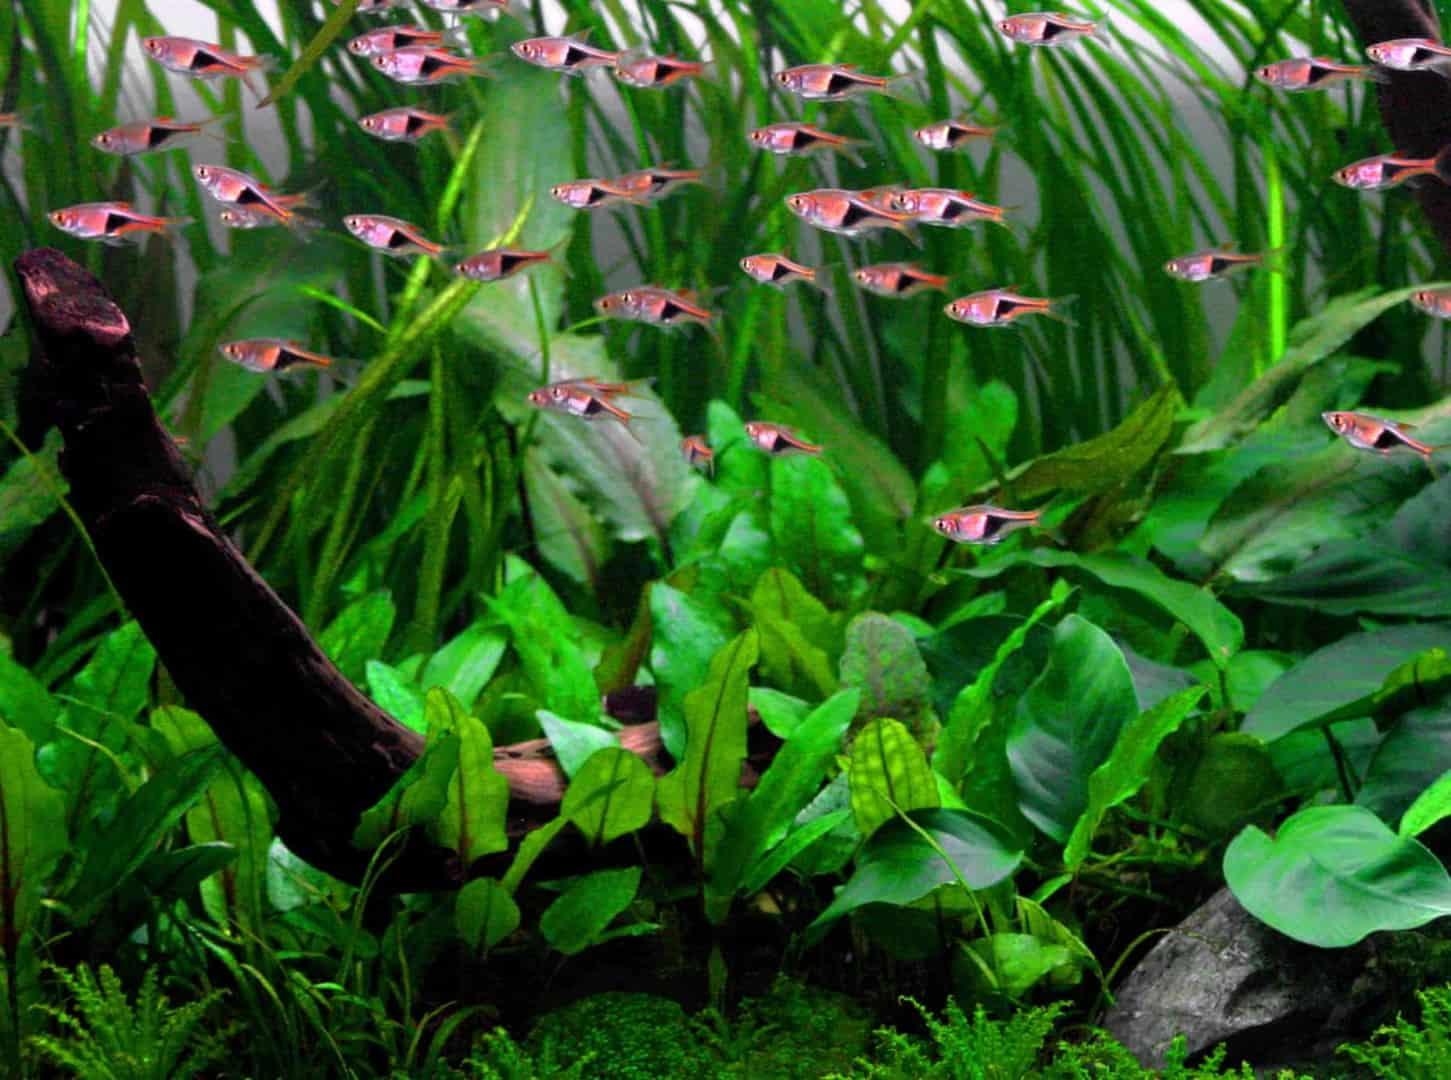 Podcast Episode #144: Einfache Pflanzen für ein Einsteigeraquarium 13